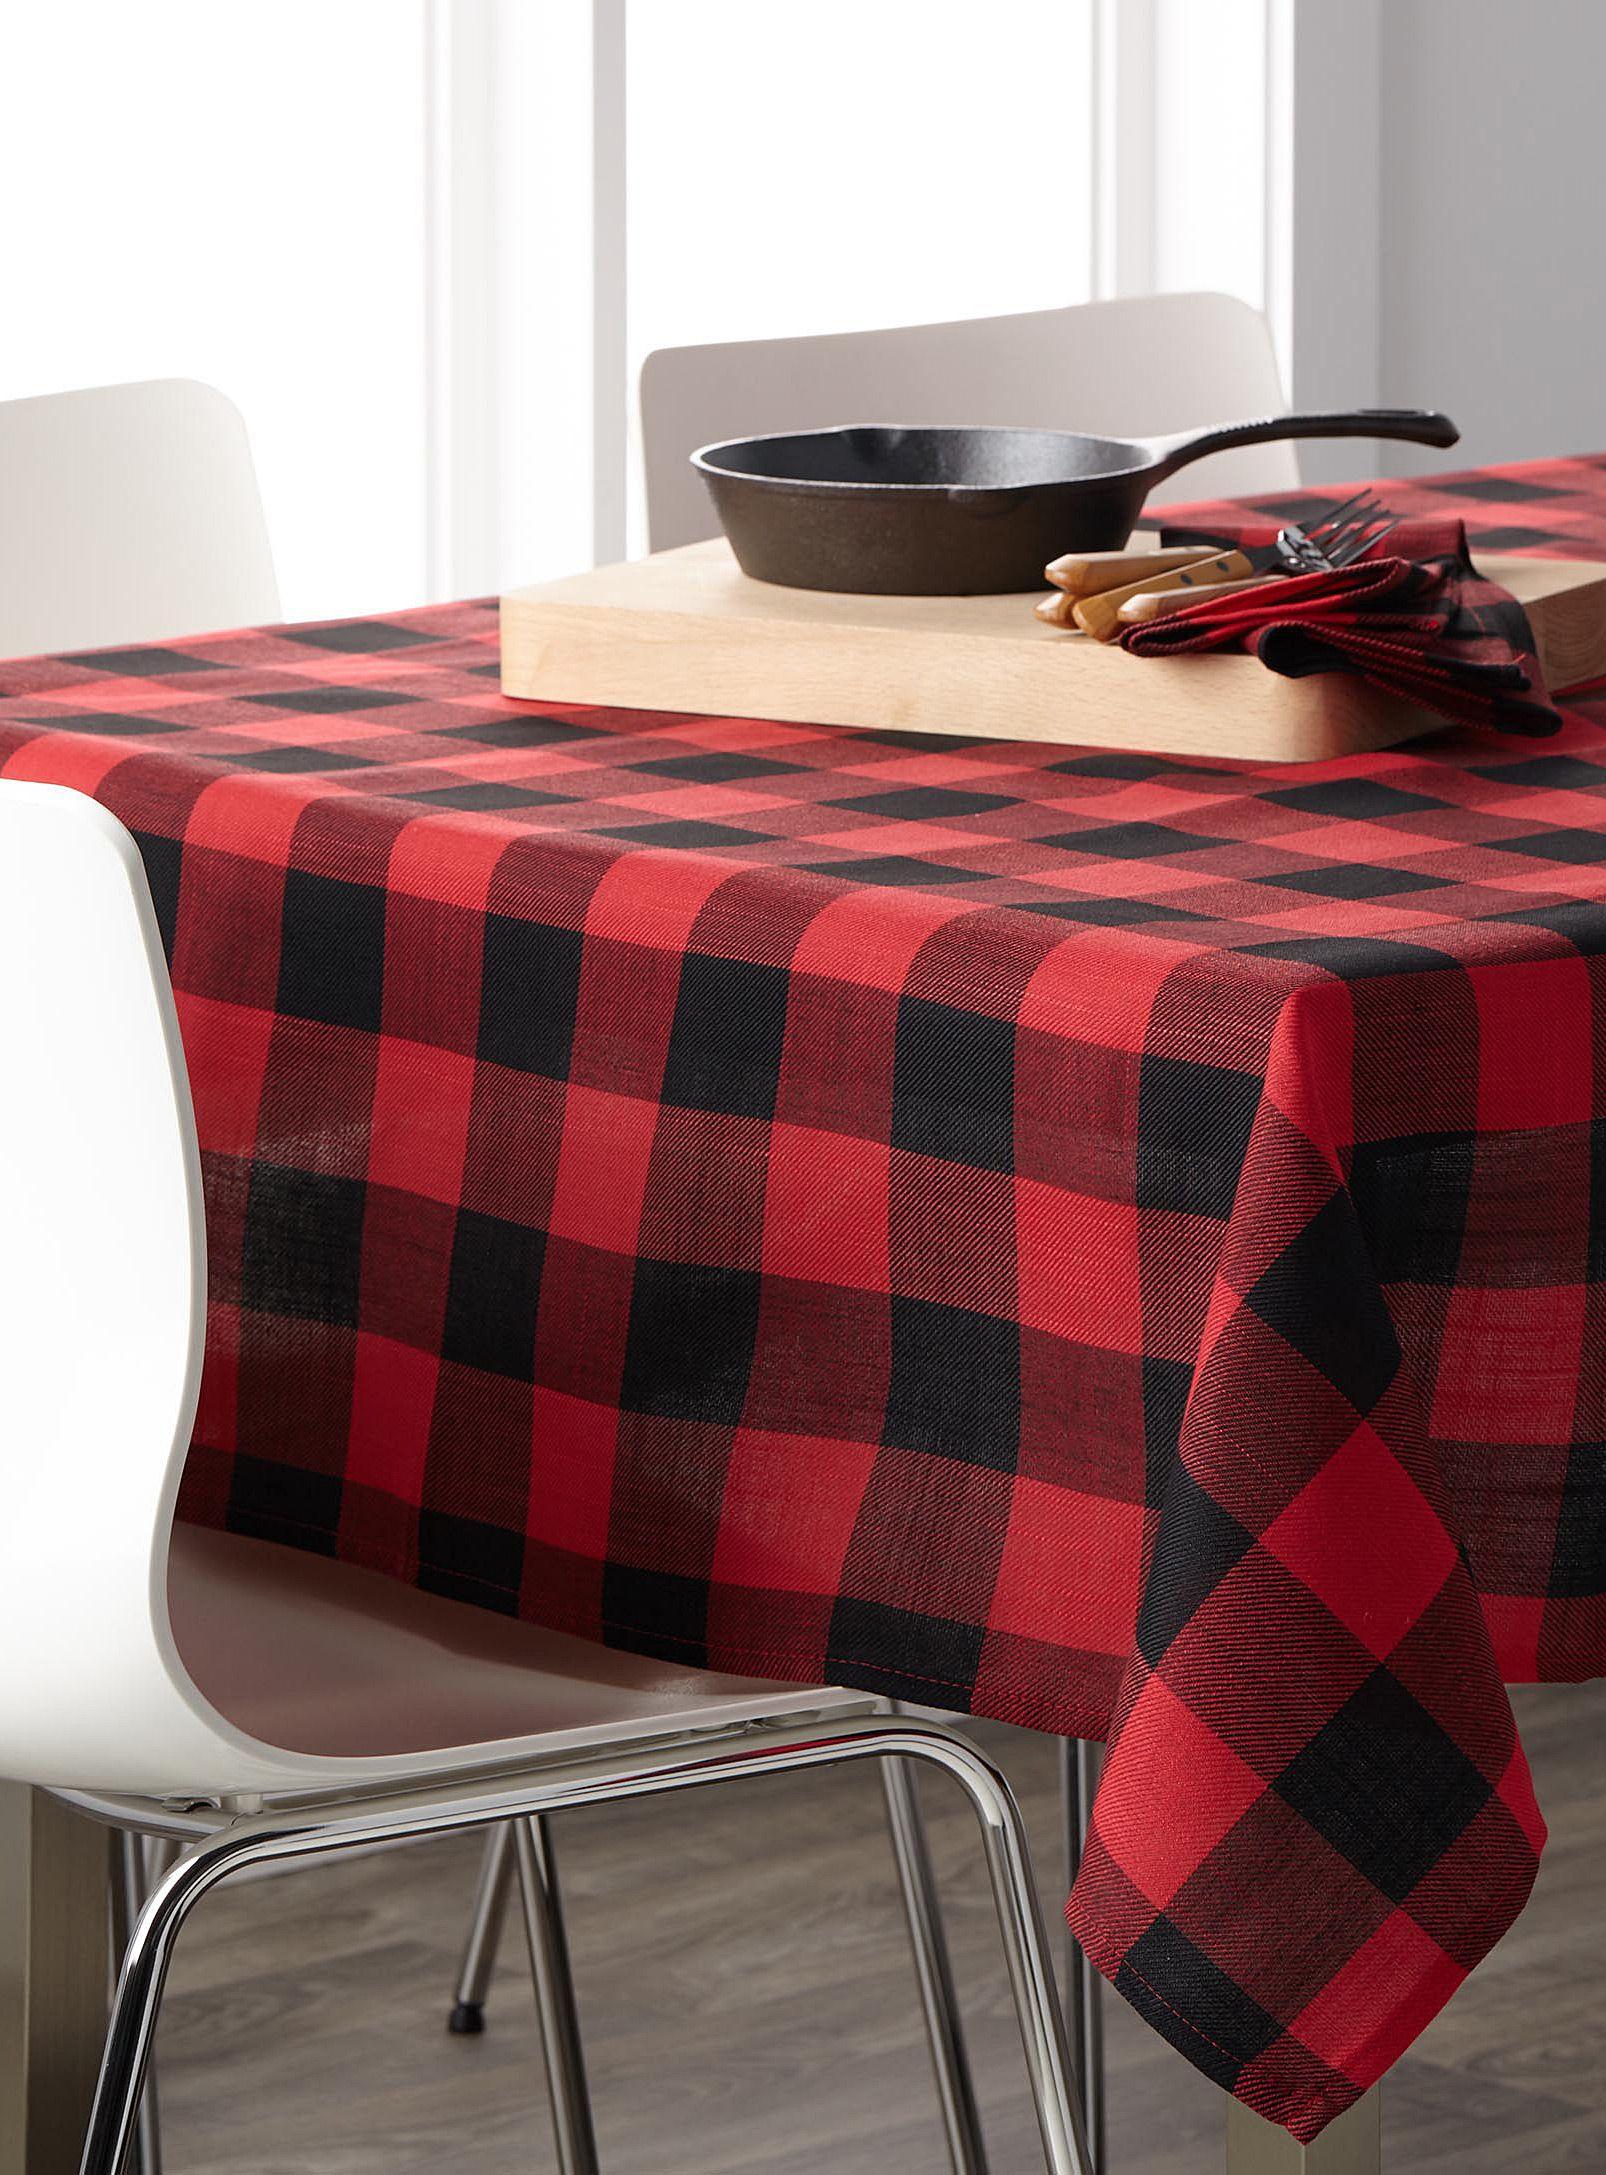 Buffalo Check Tablecloth Simons Buffalo Check